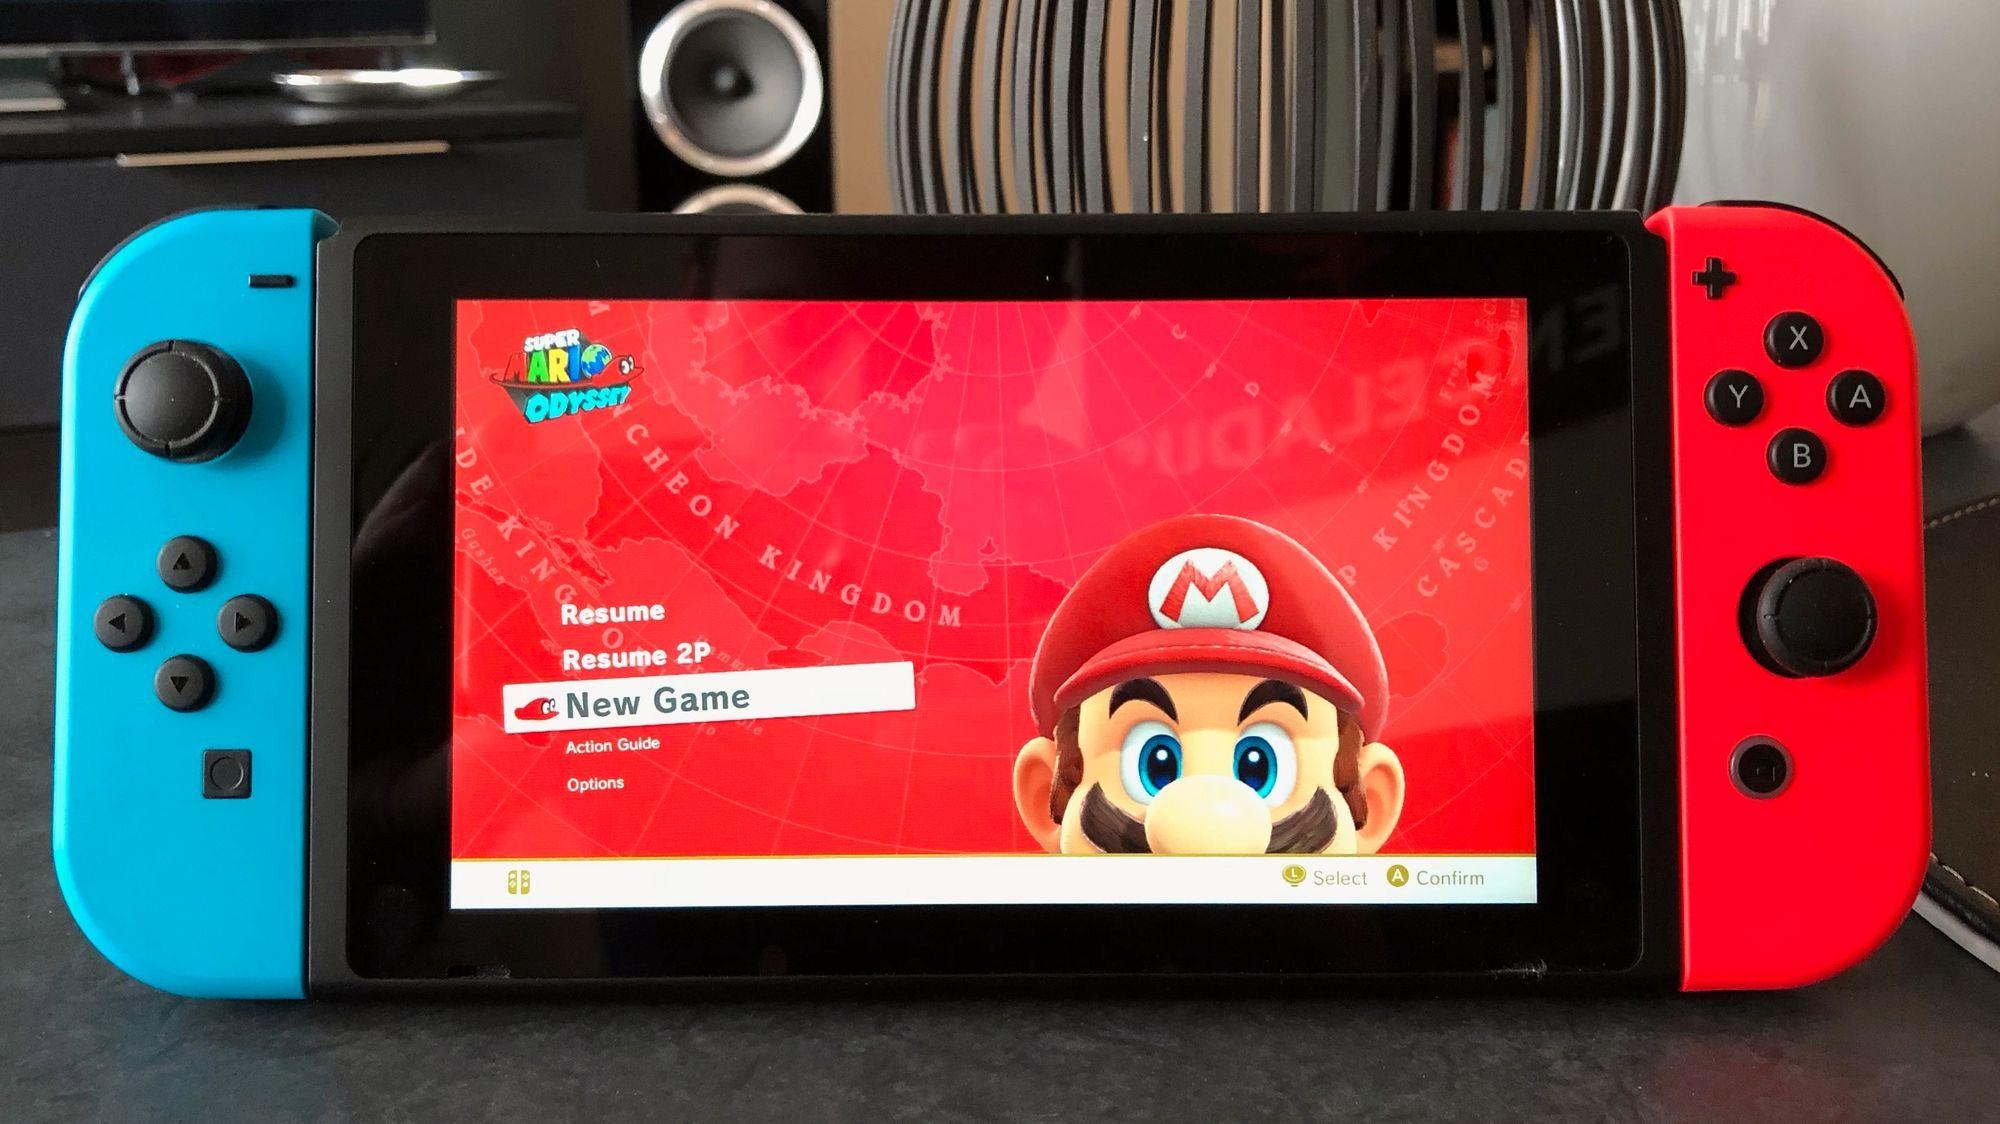 160.000 Nintendo-kontoer har blitt lekket, men Nintendo hevder det ikke har skjedd i deres databaser.